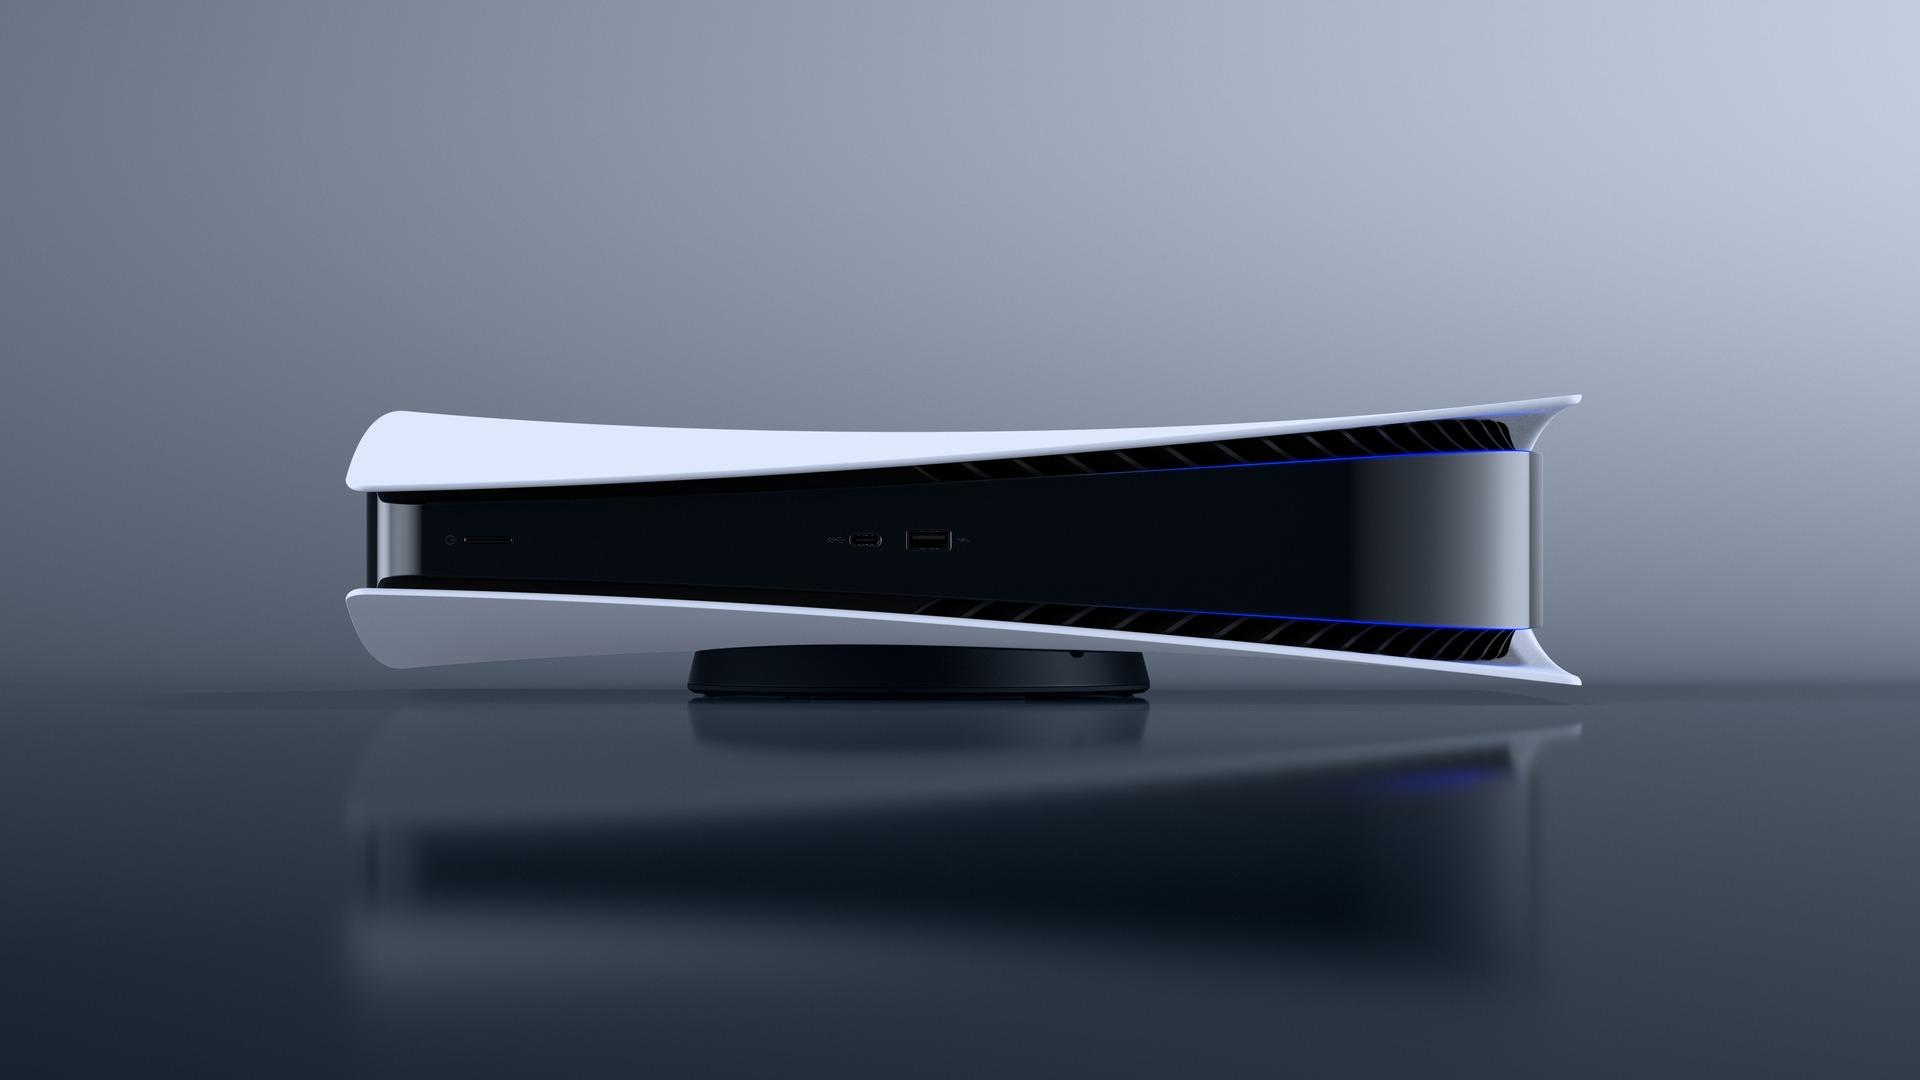 Jeszcze kilka miesięcy i będziemy mogli zainstalować w PlayStation 5 dodatkowy dysk